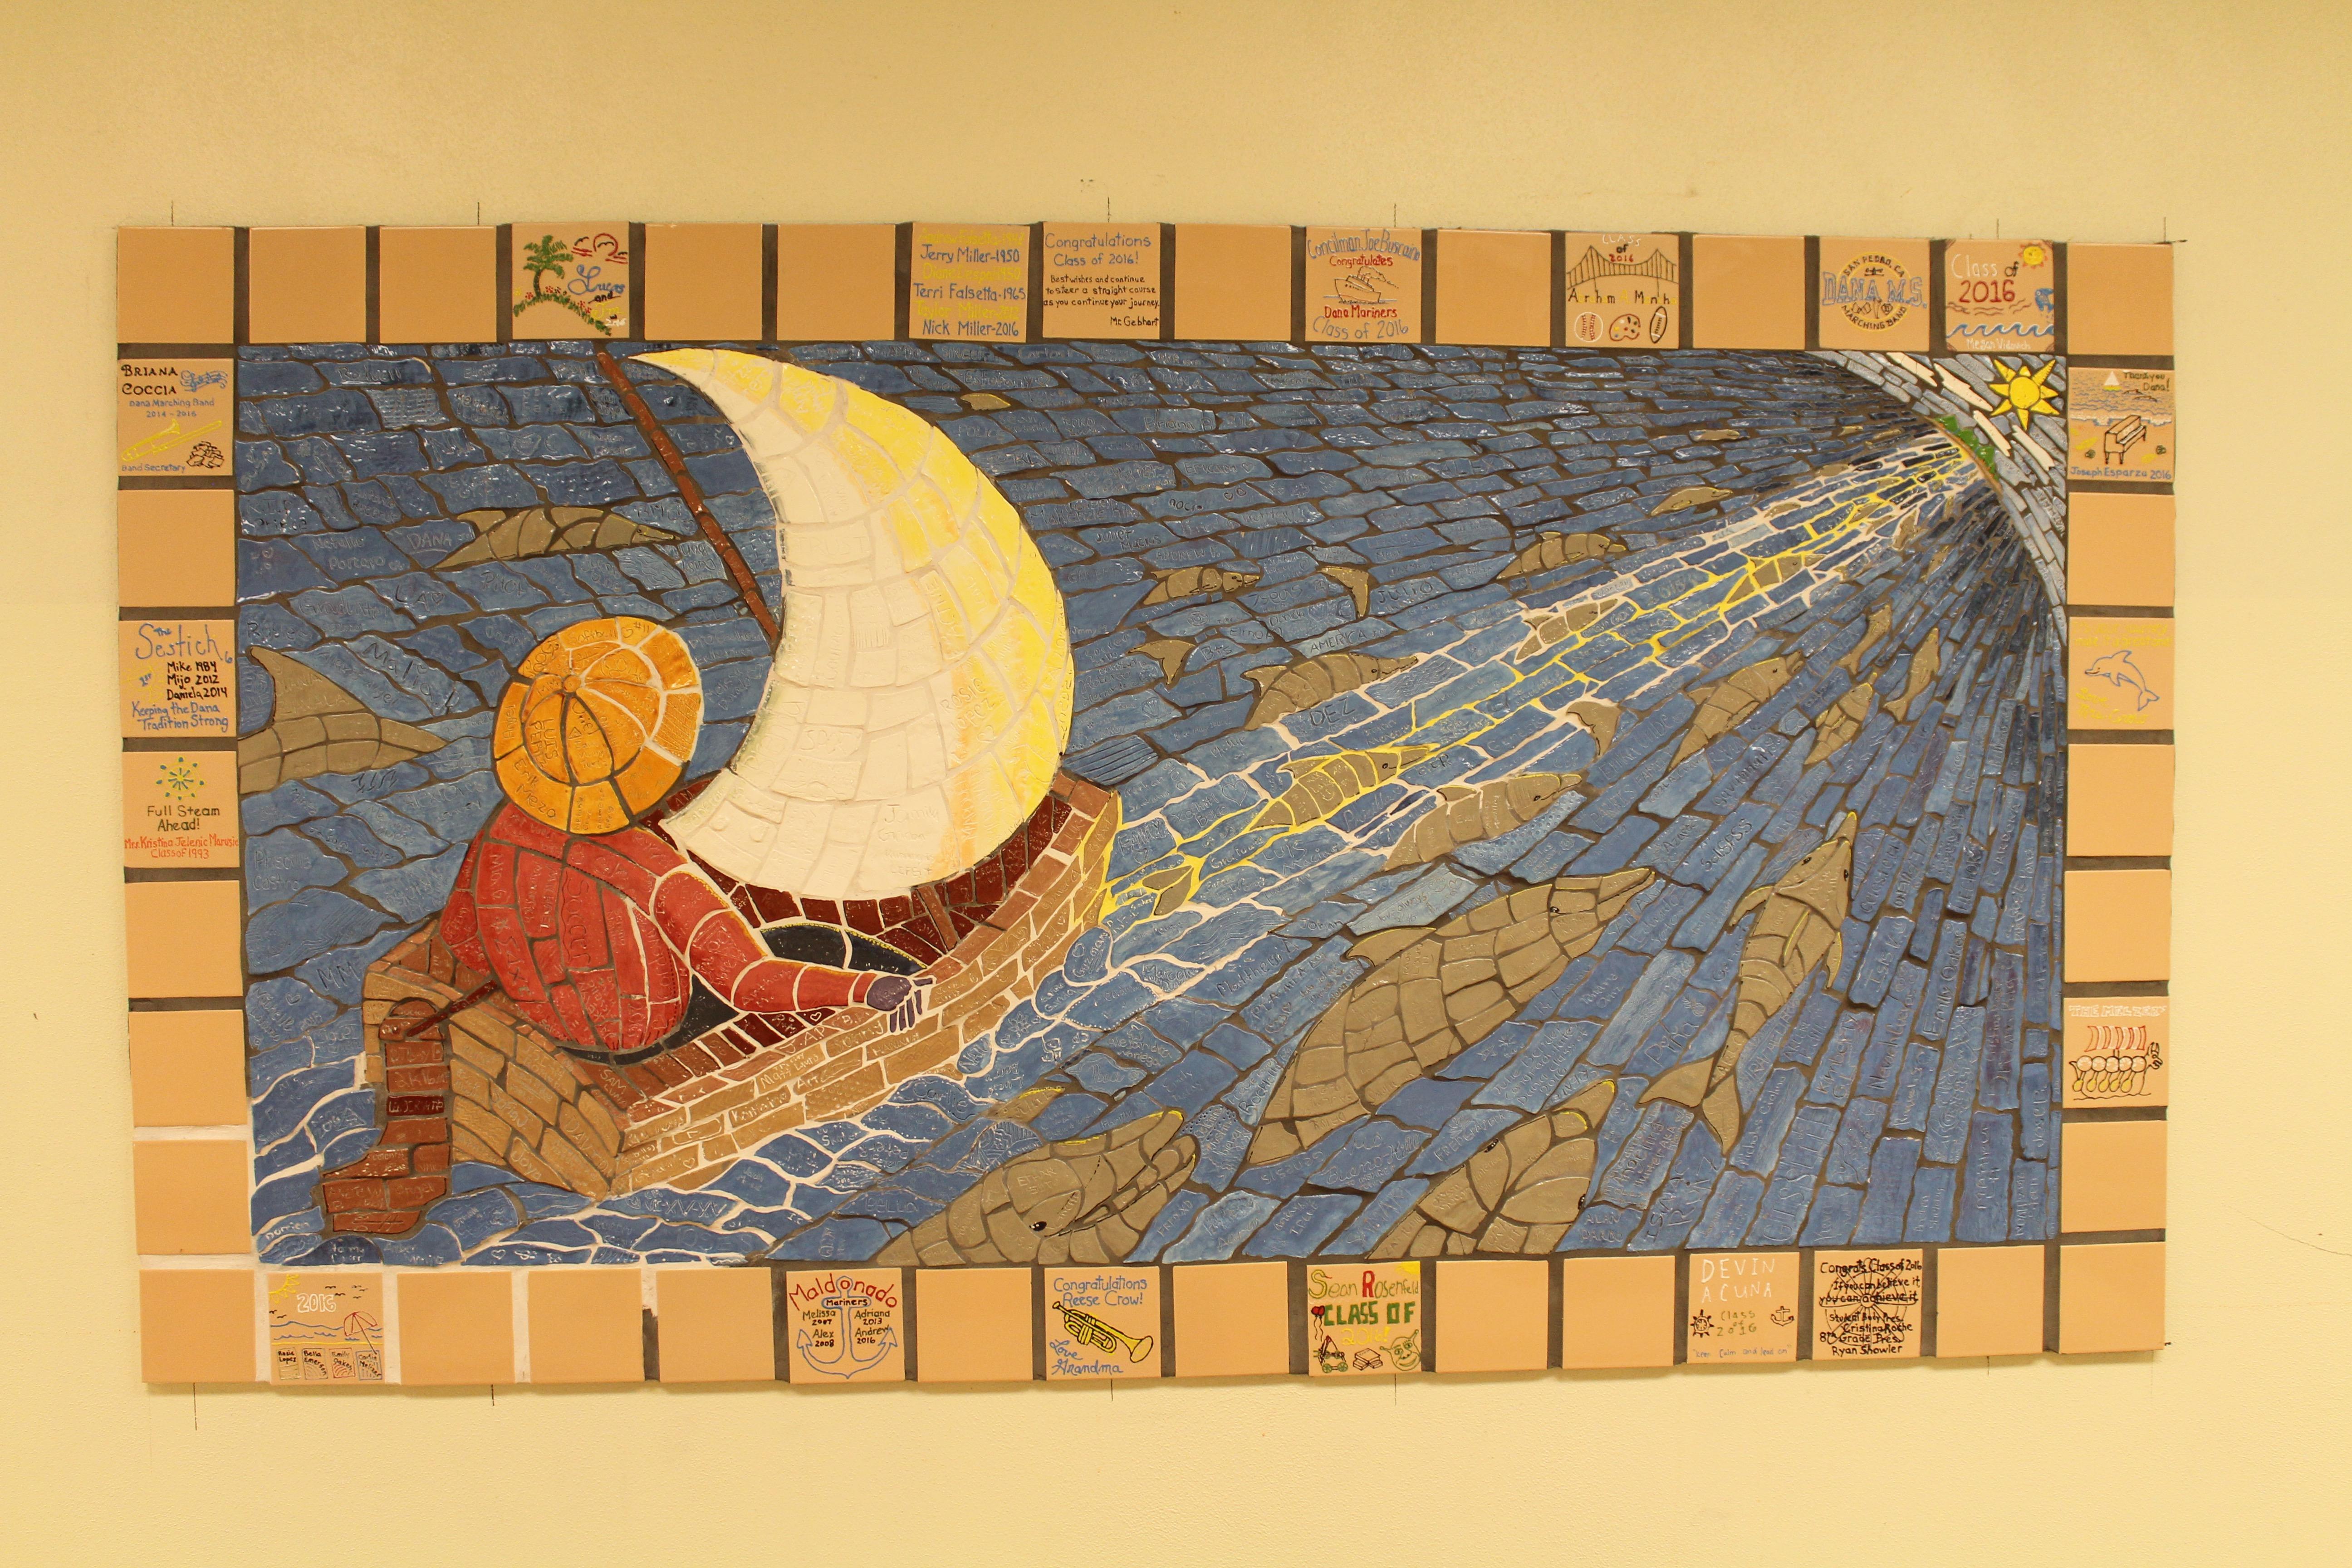 2016 Goal Achiever's Mosaic